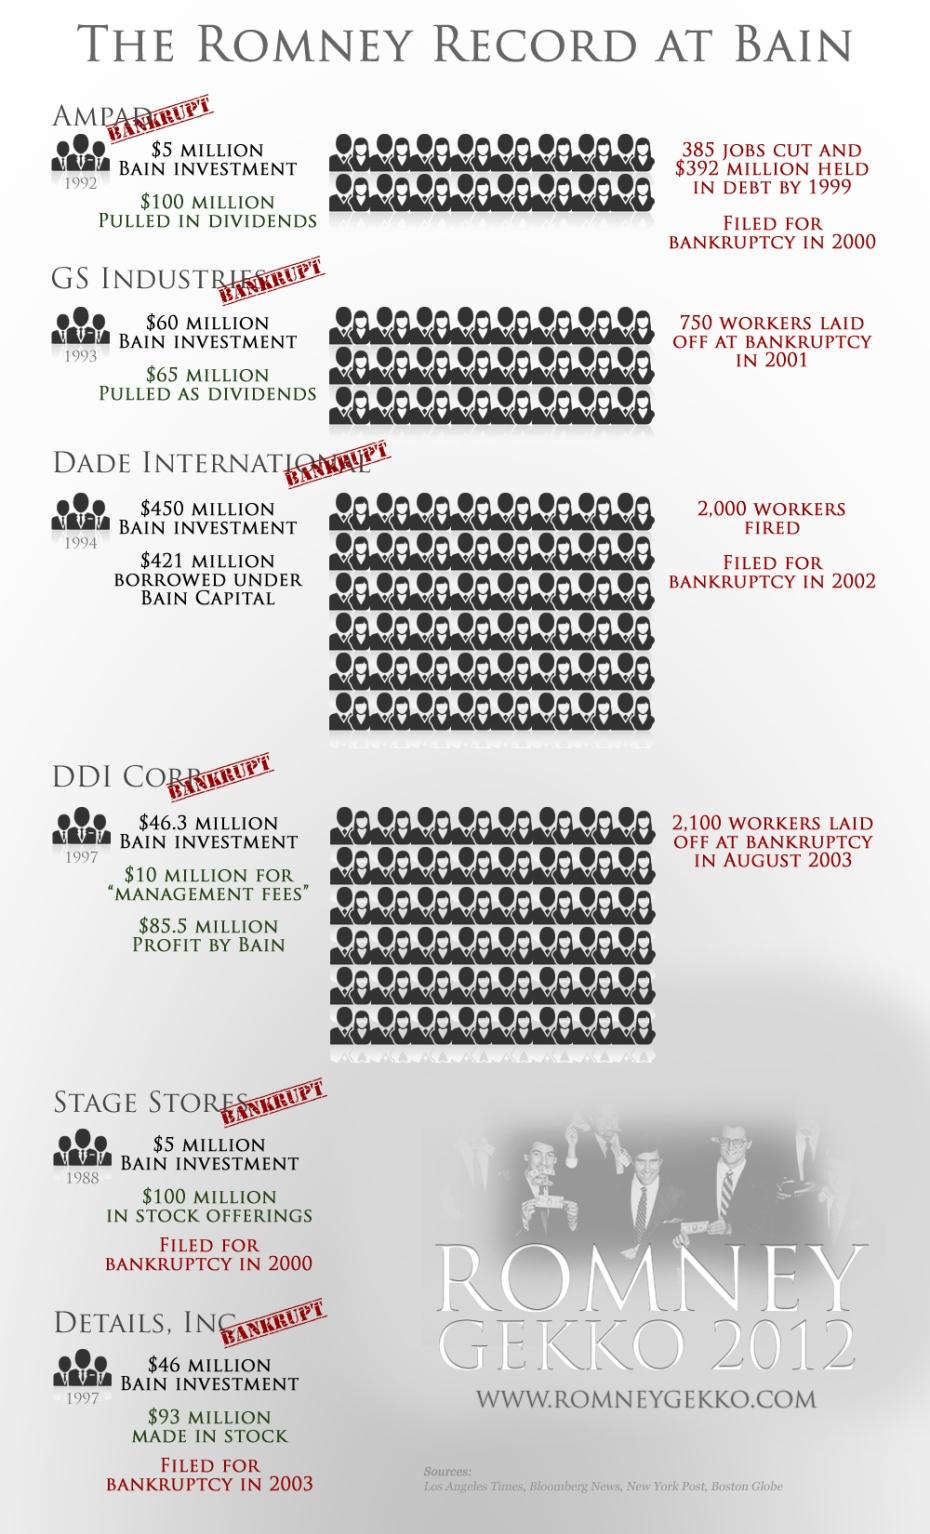 Mitt Romney's record at Bain Capital